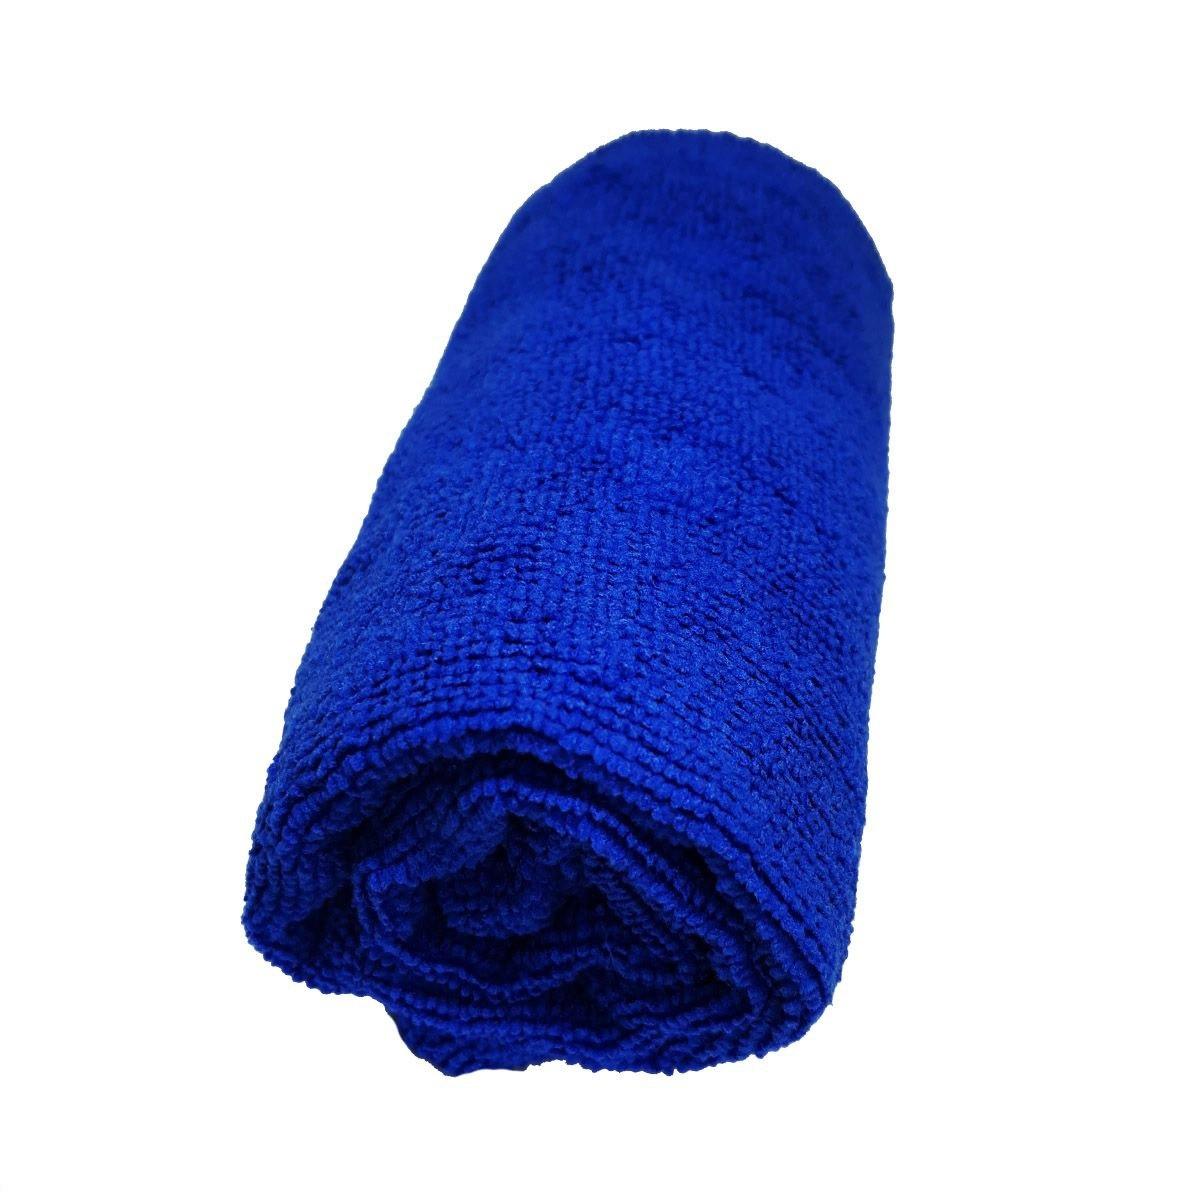 Toalha de Microfibra - Tamanho G - Azul Royal